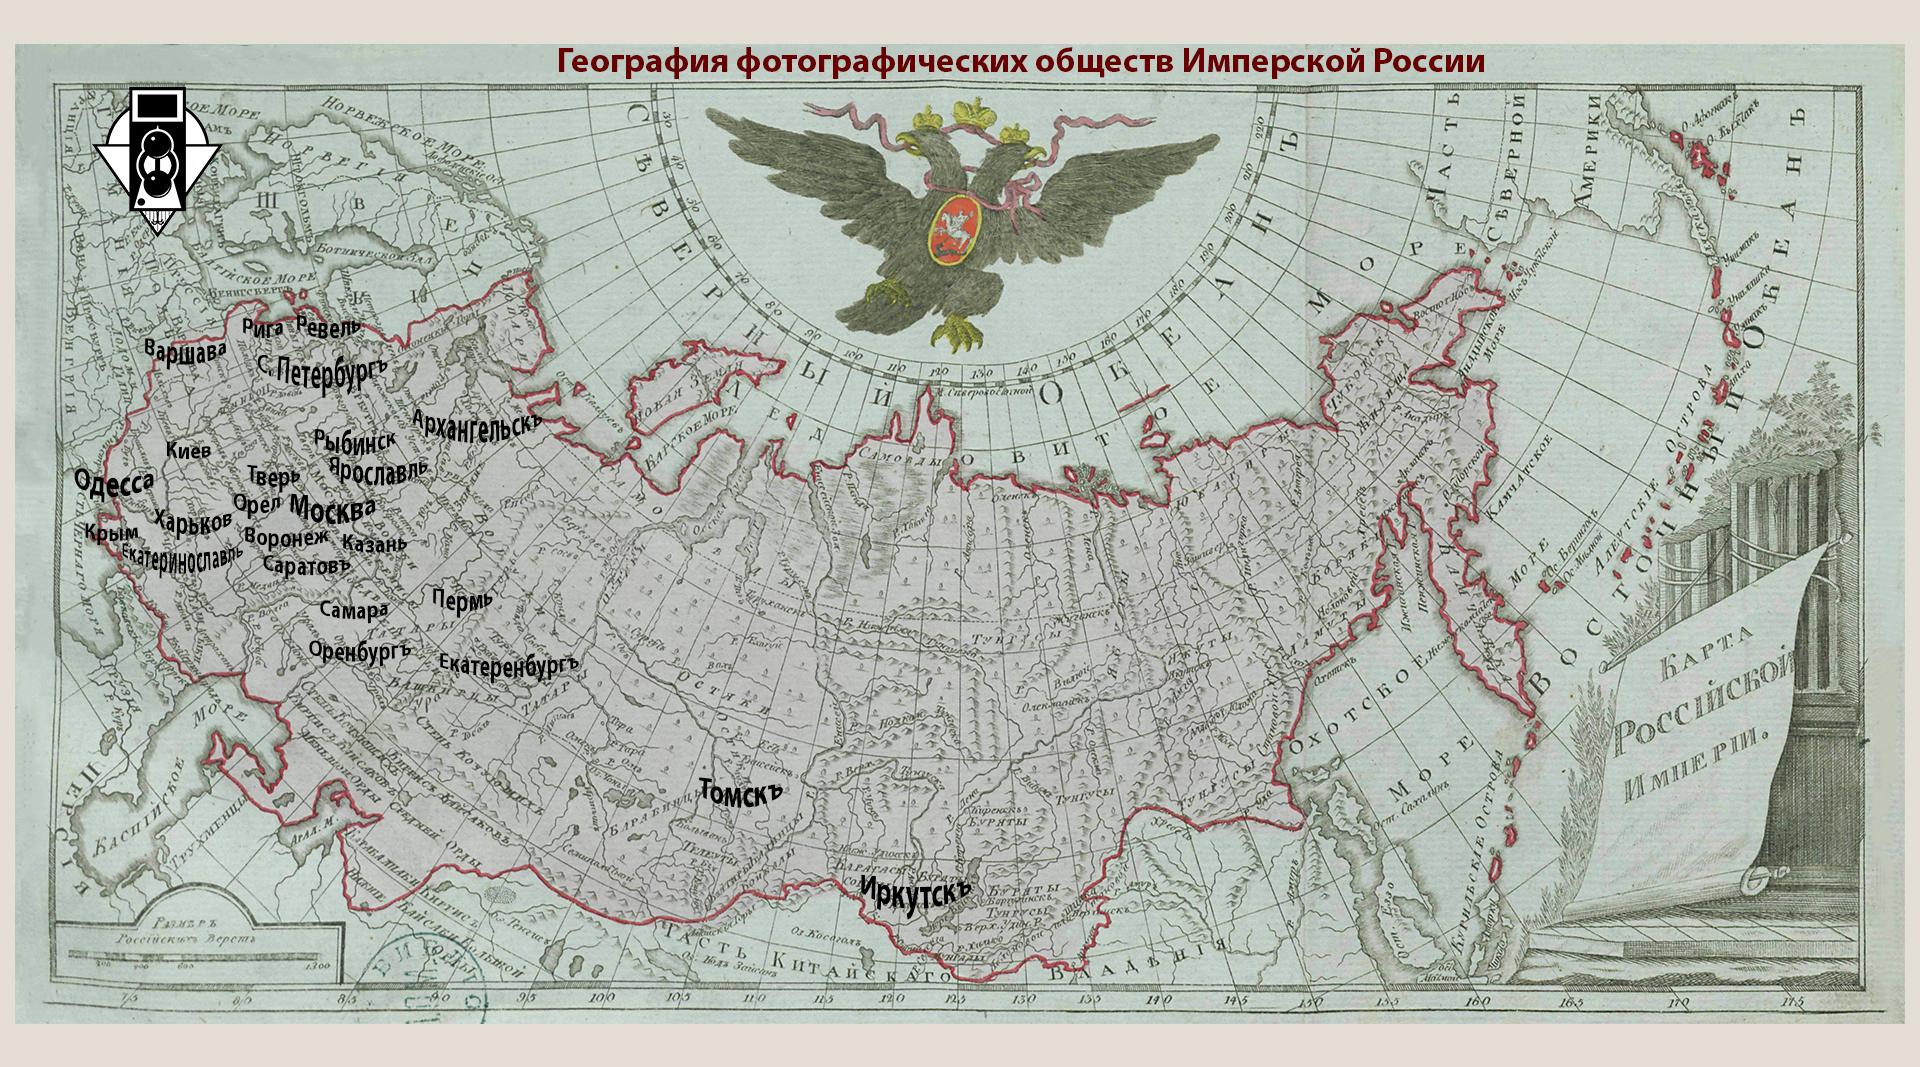 Фотографические общества Имперской России